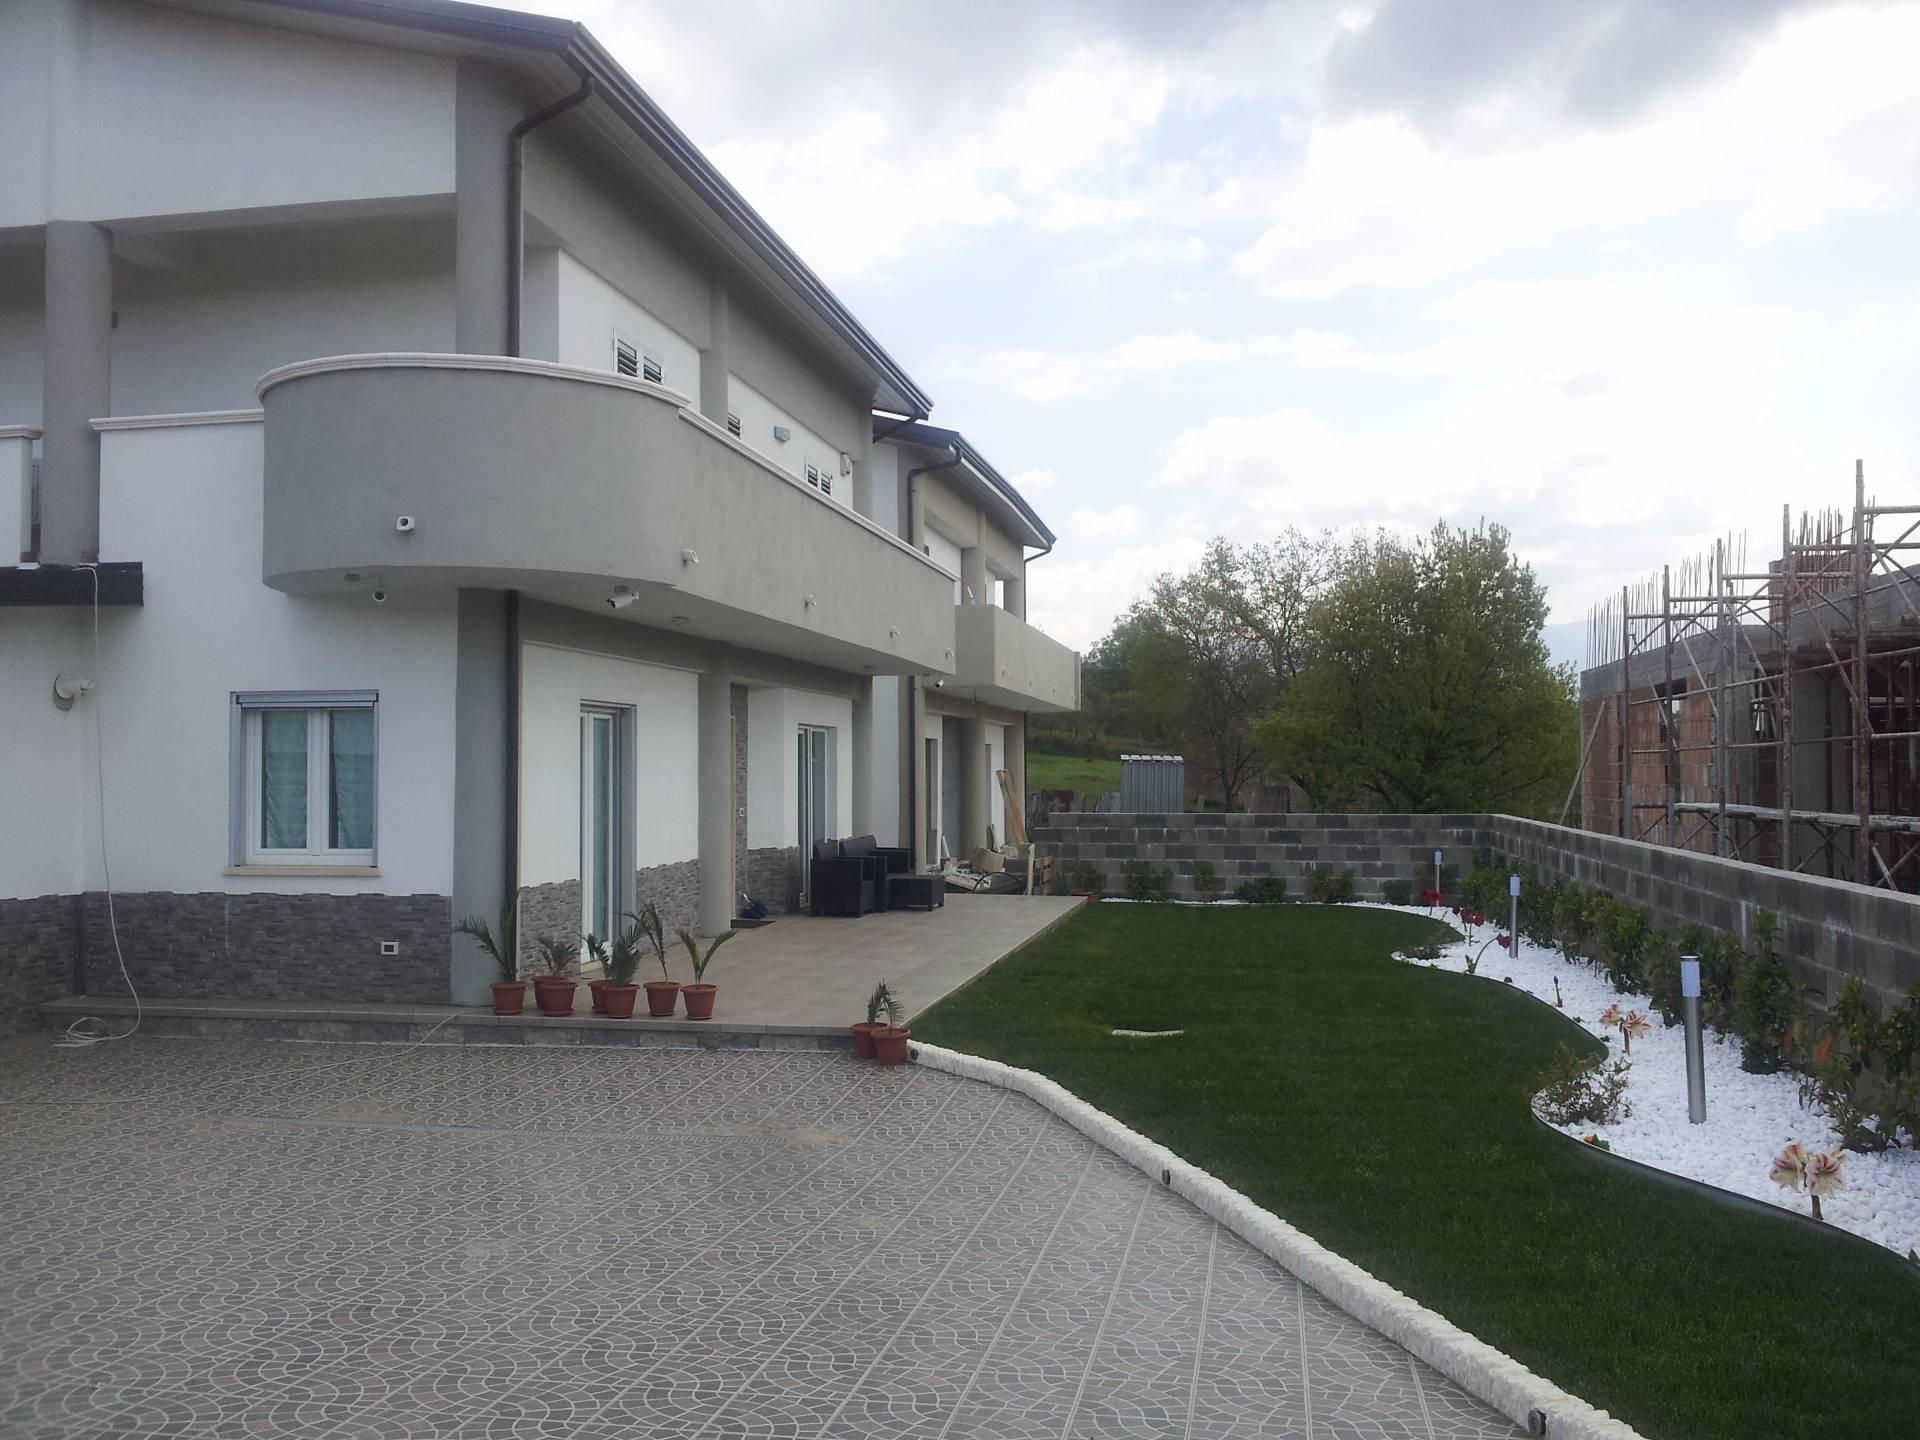 Villa in vendita a Rende, 4 locali, zona Zona: Quattromiglia, prezzo € 210.000   Cambio Casa.it